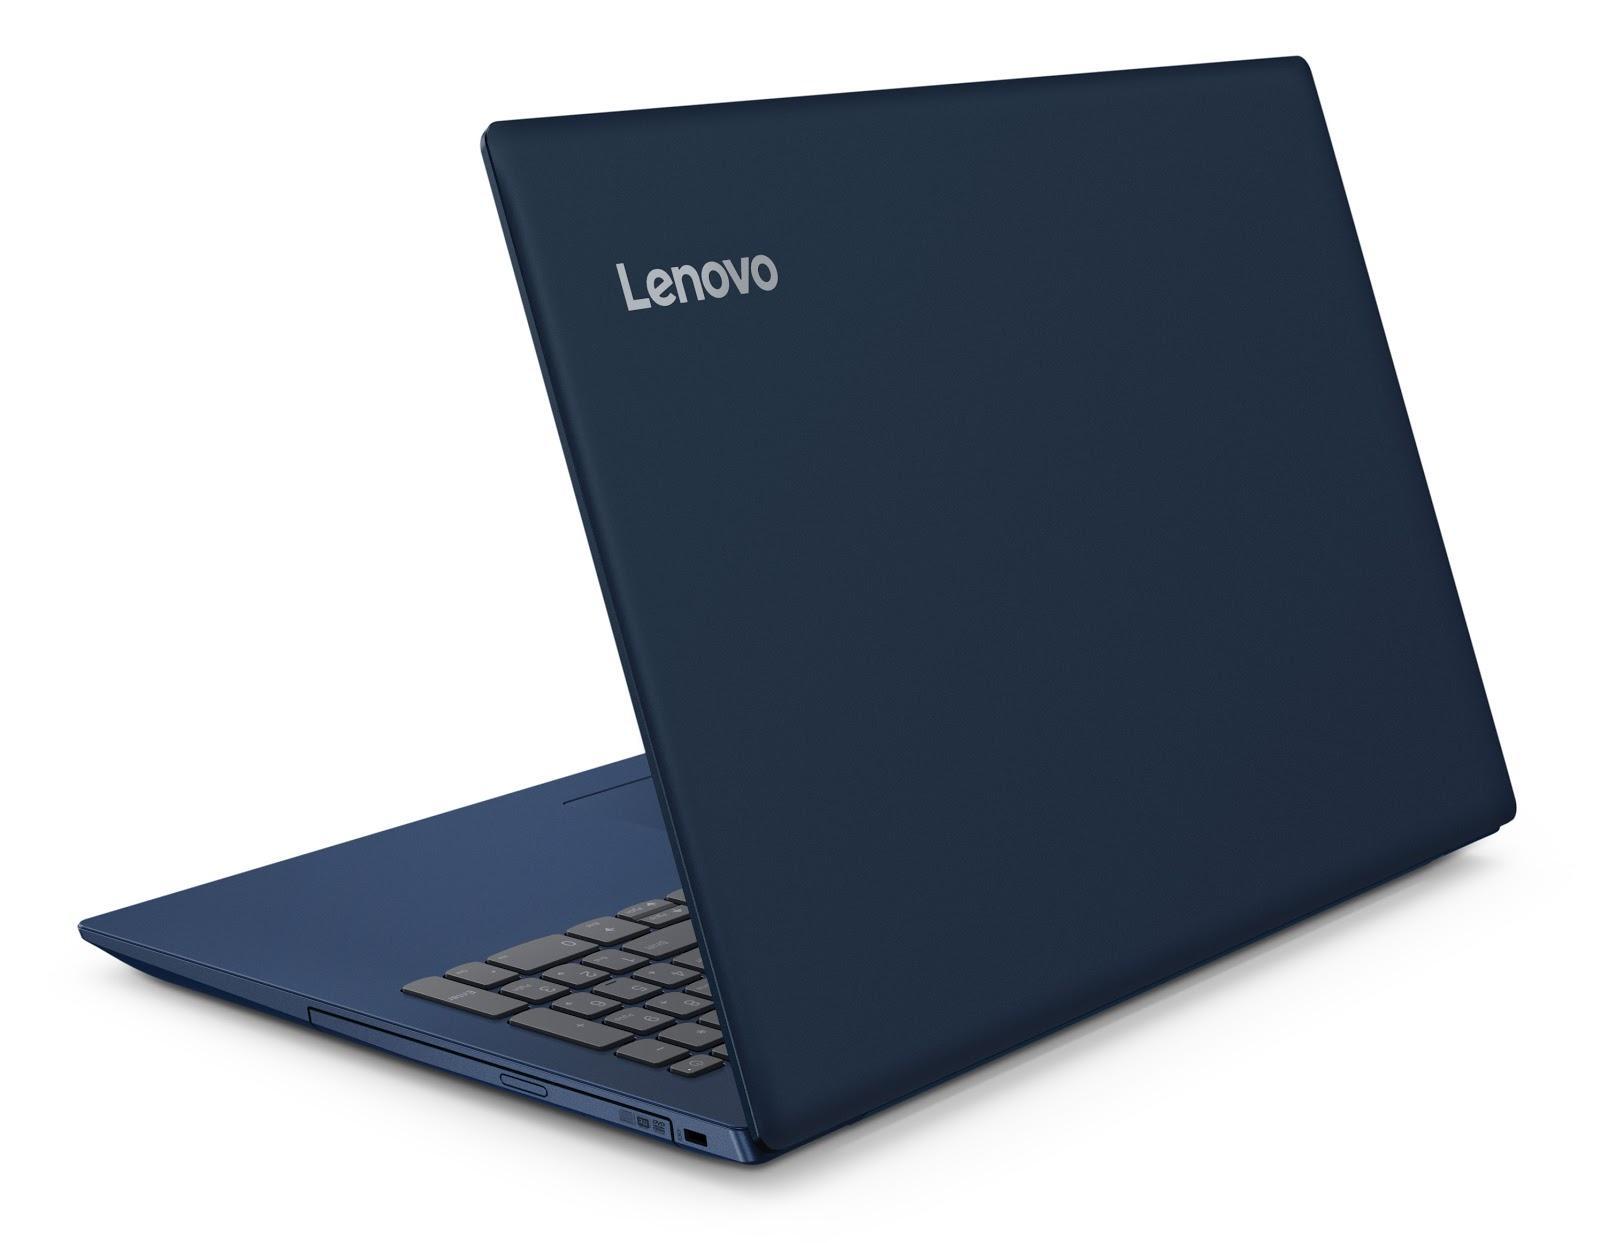 Фото 5. Ноутбук Lenovo ideapad 330-15 Midnight Blue (81DE01WBRA)